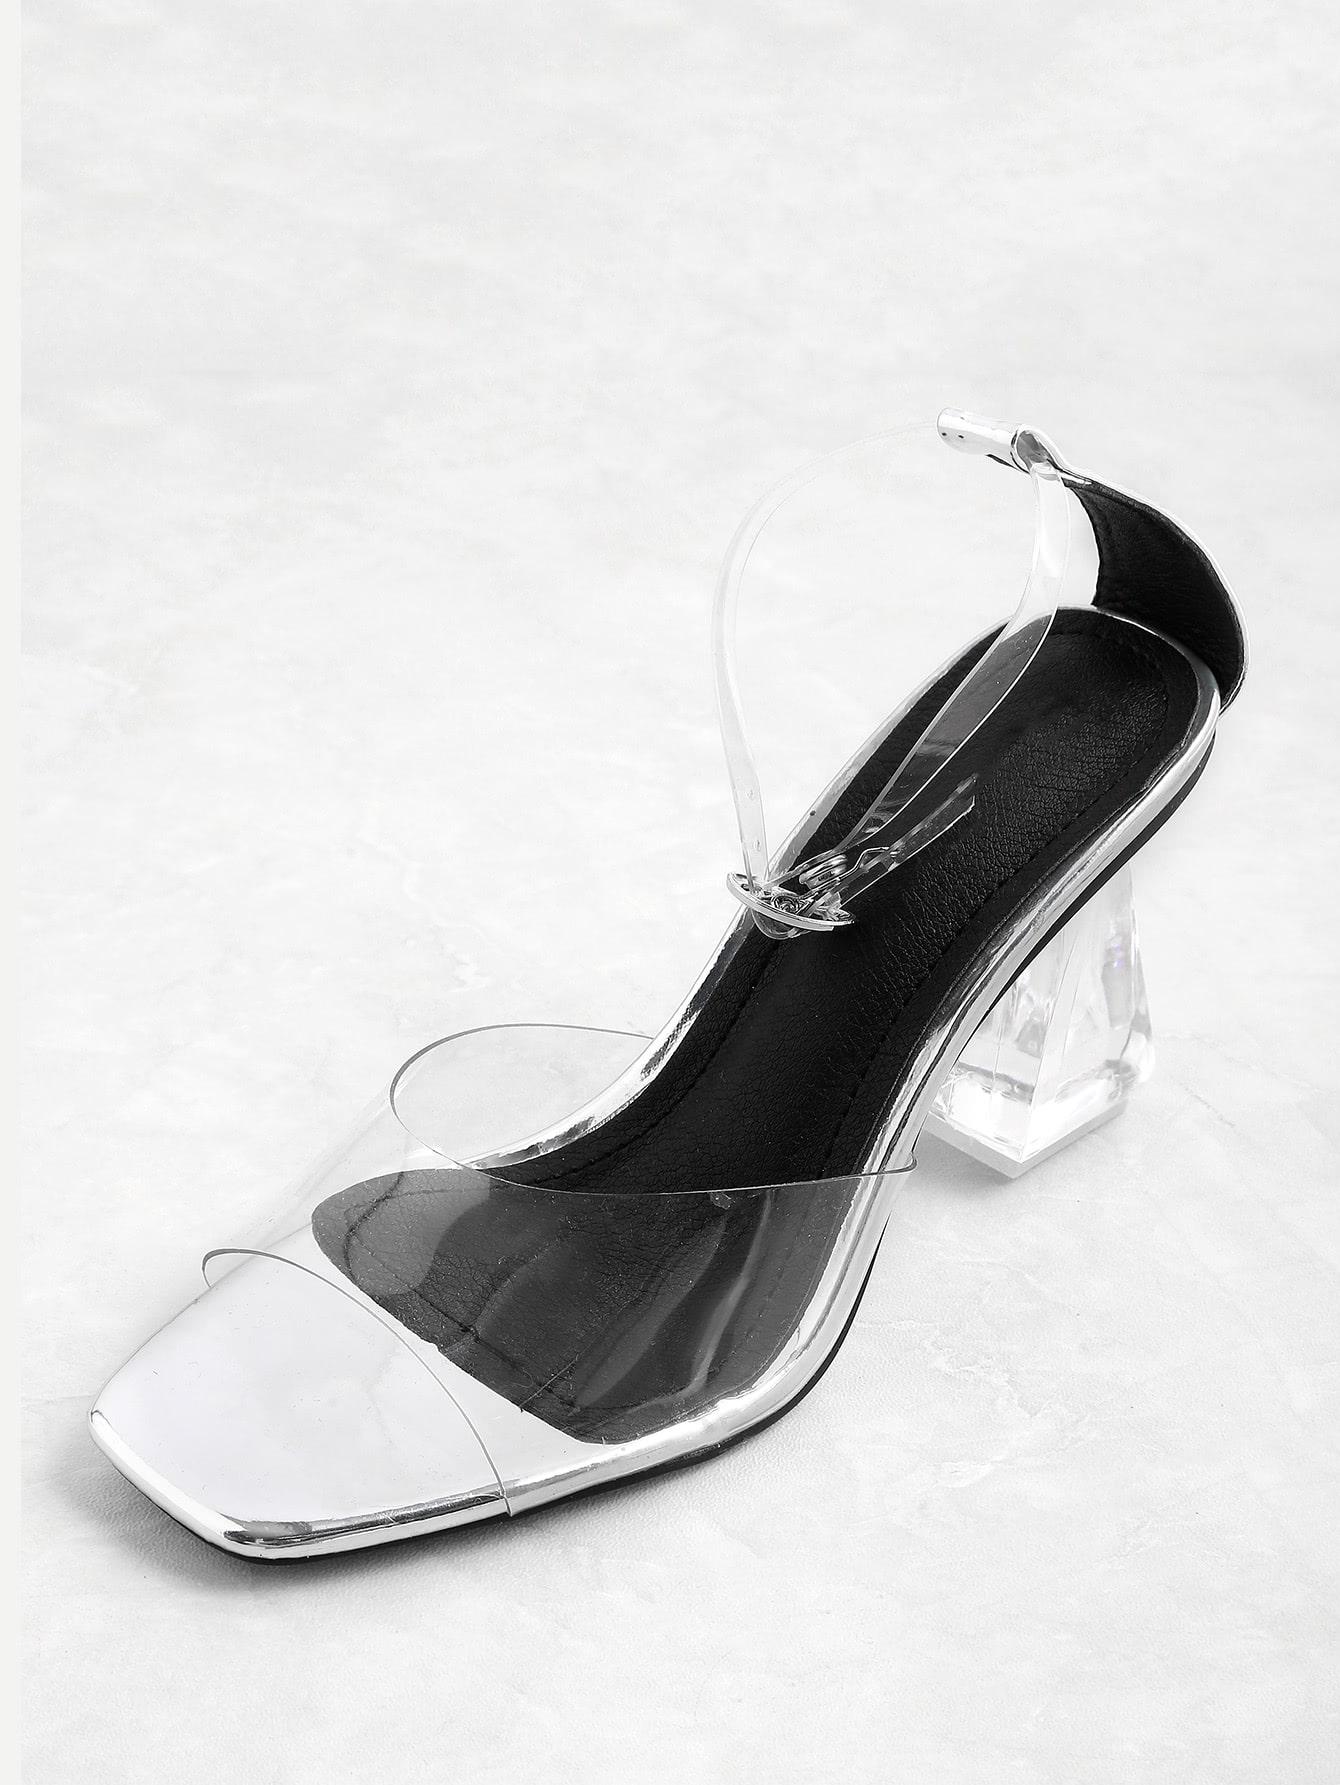 shoes170515801_2